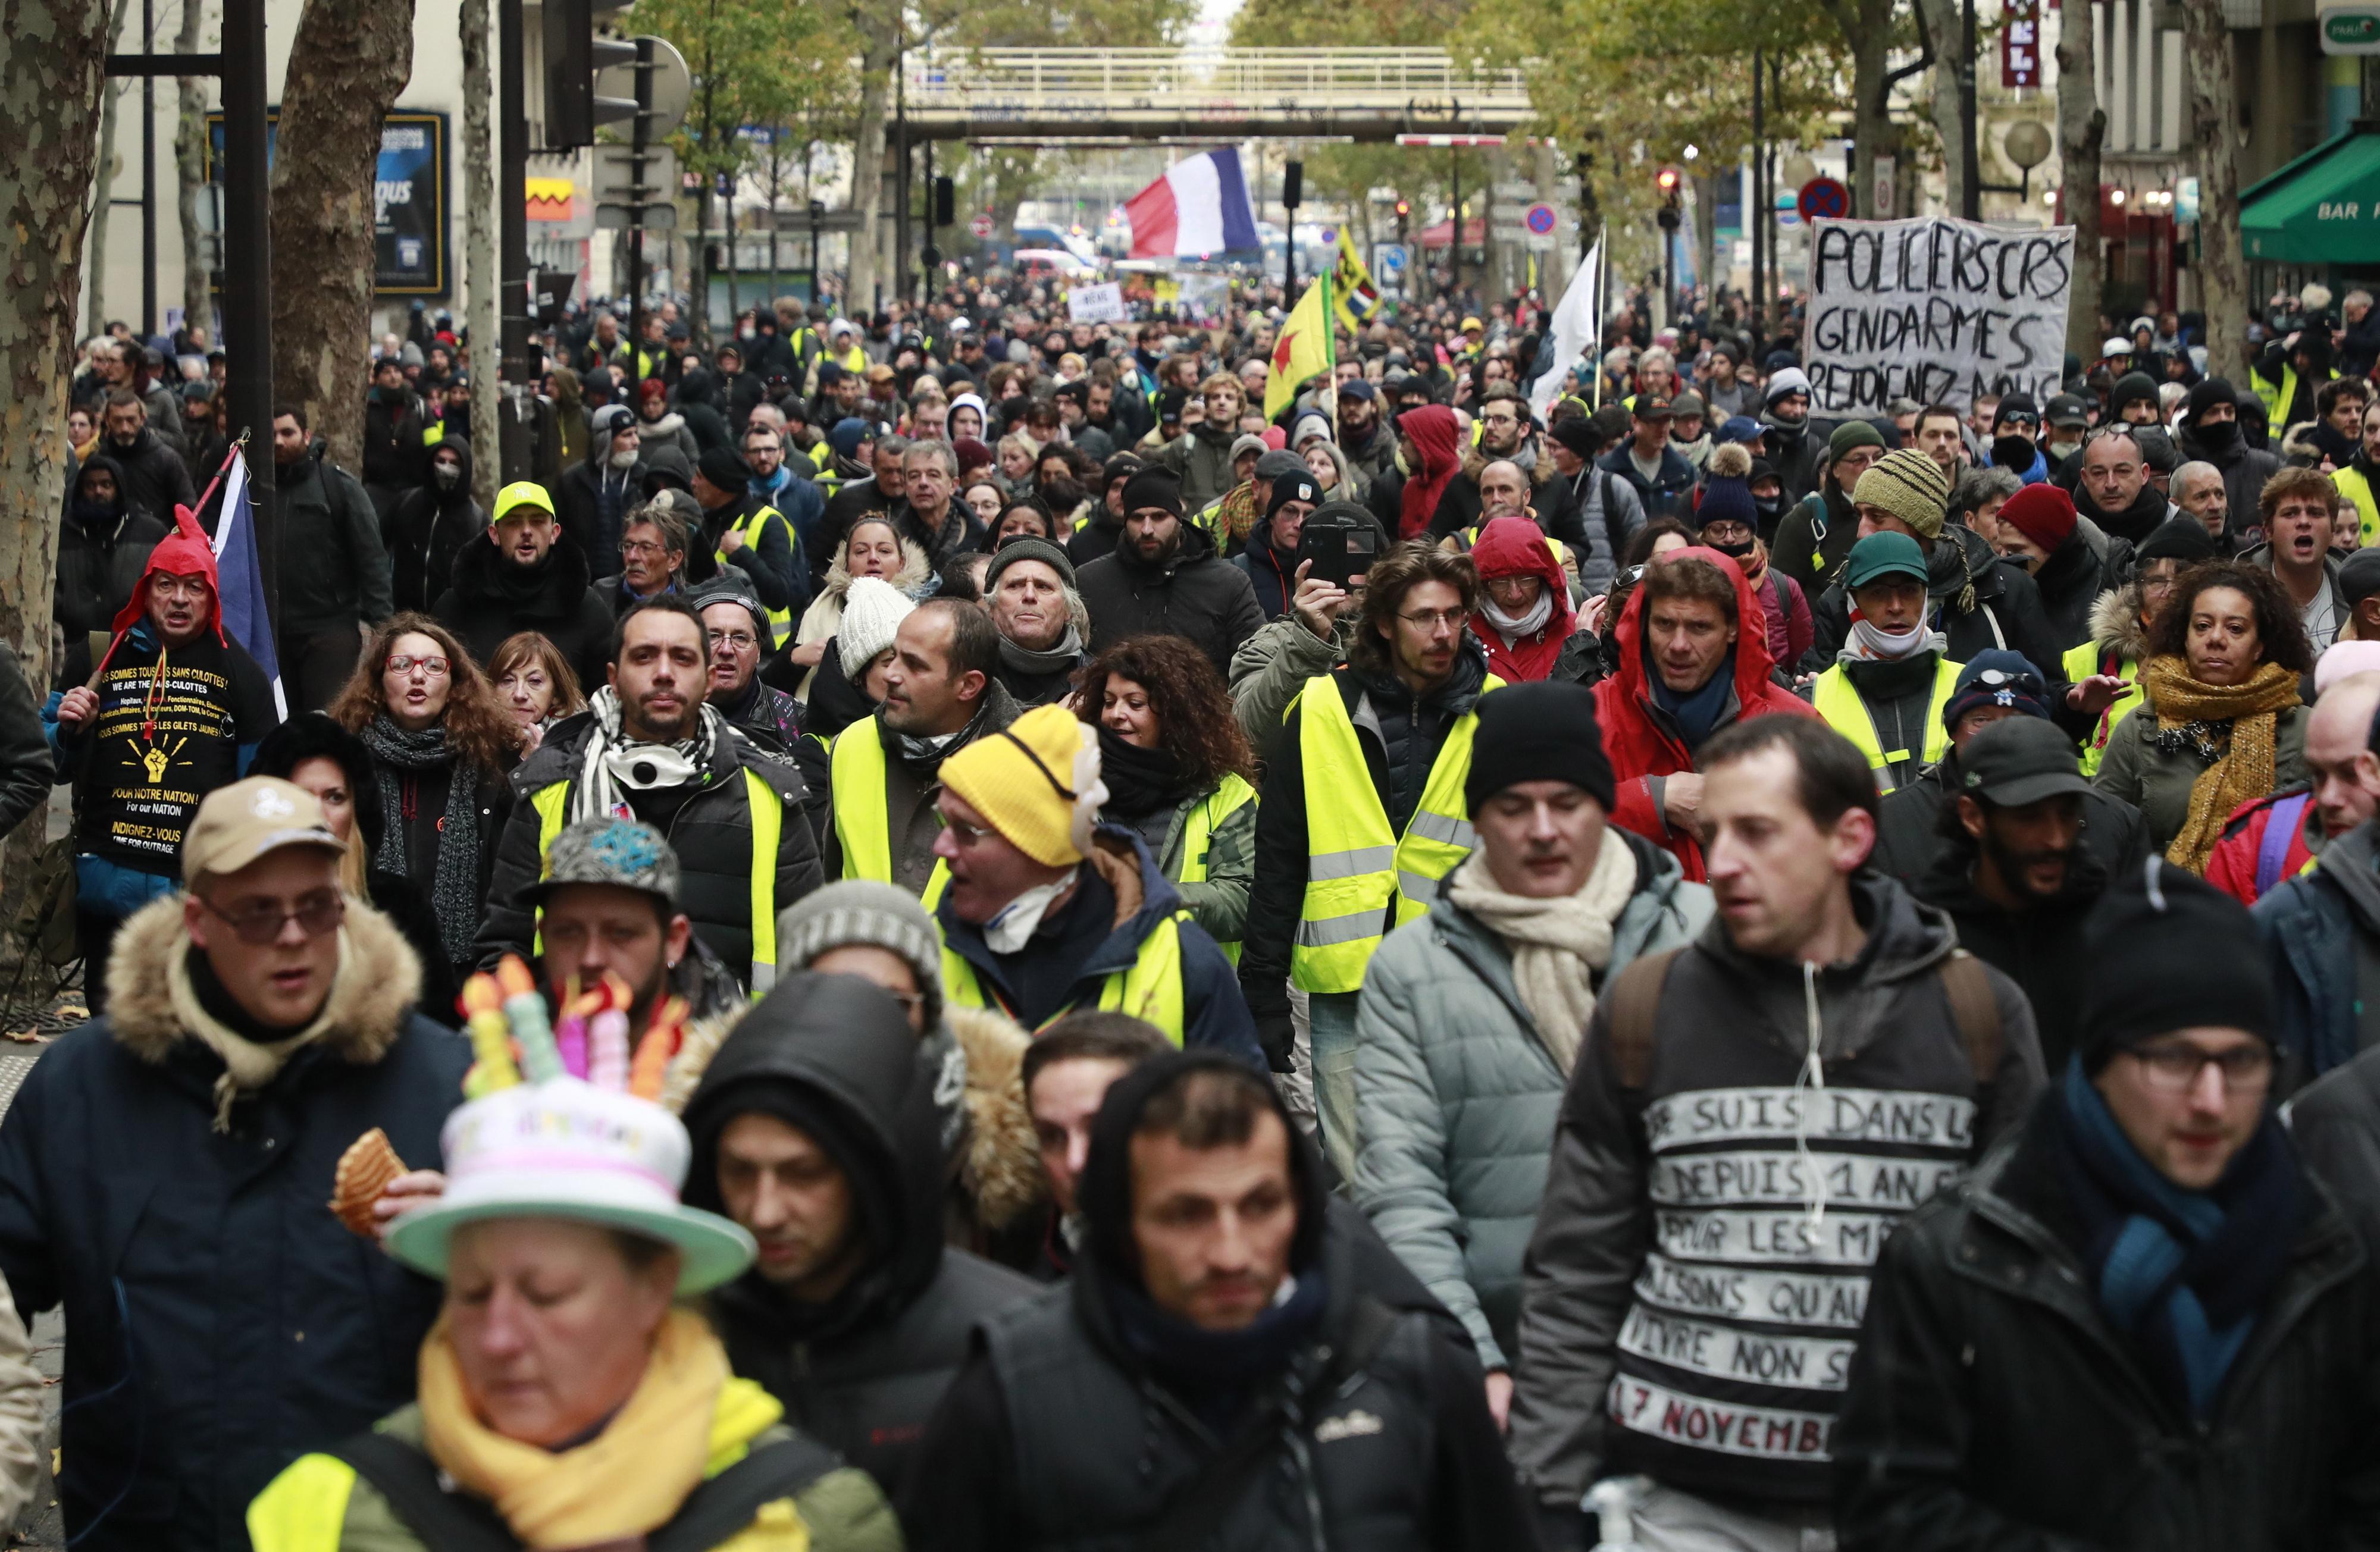 Resultado de imagem para Os coletes amarelos estão de volta às ruas de Paris. Pelo menos 33 pessoas foram detidas